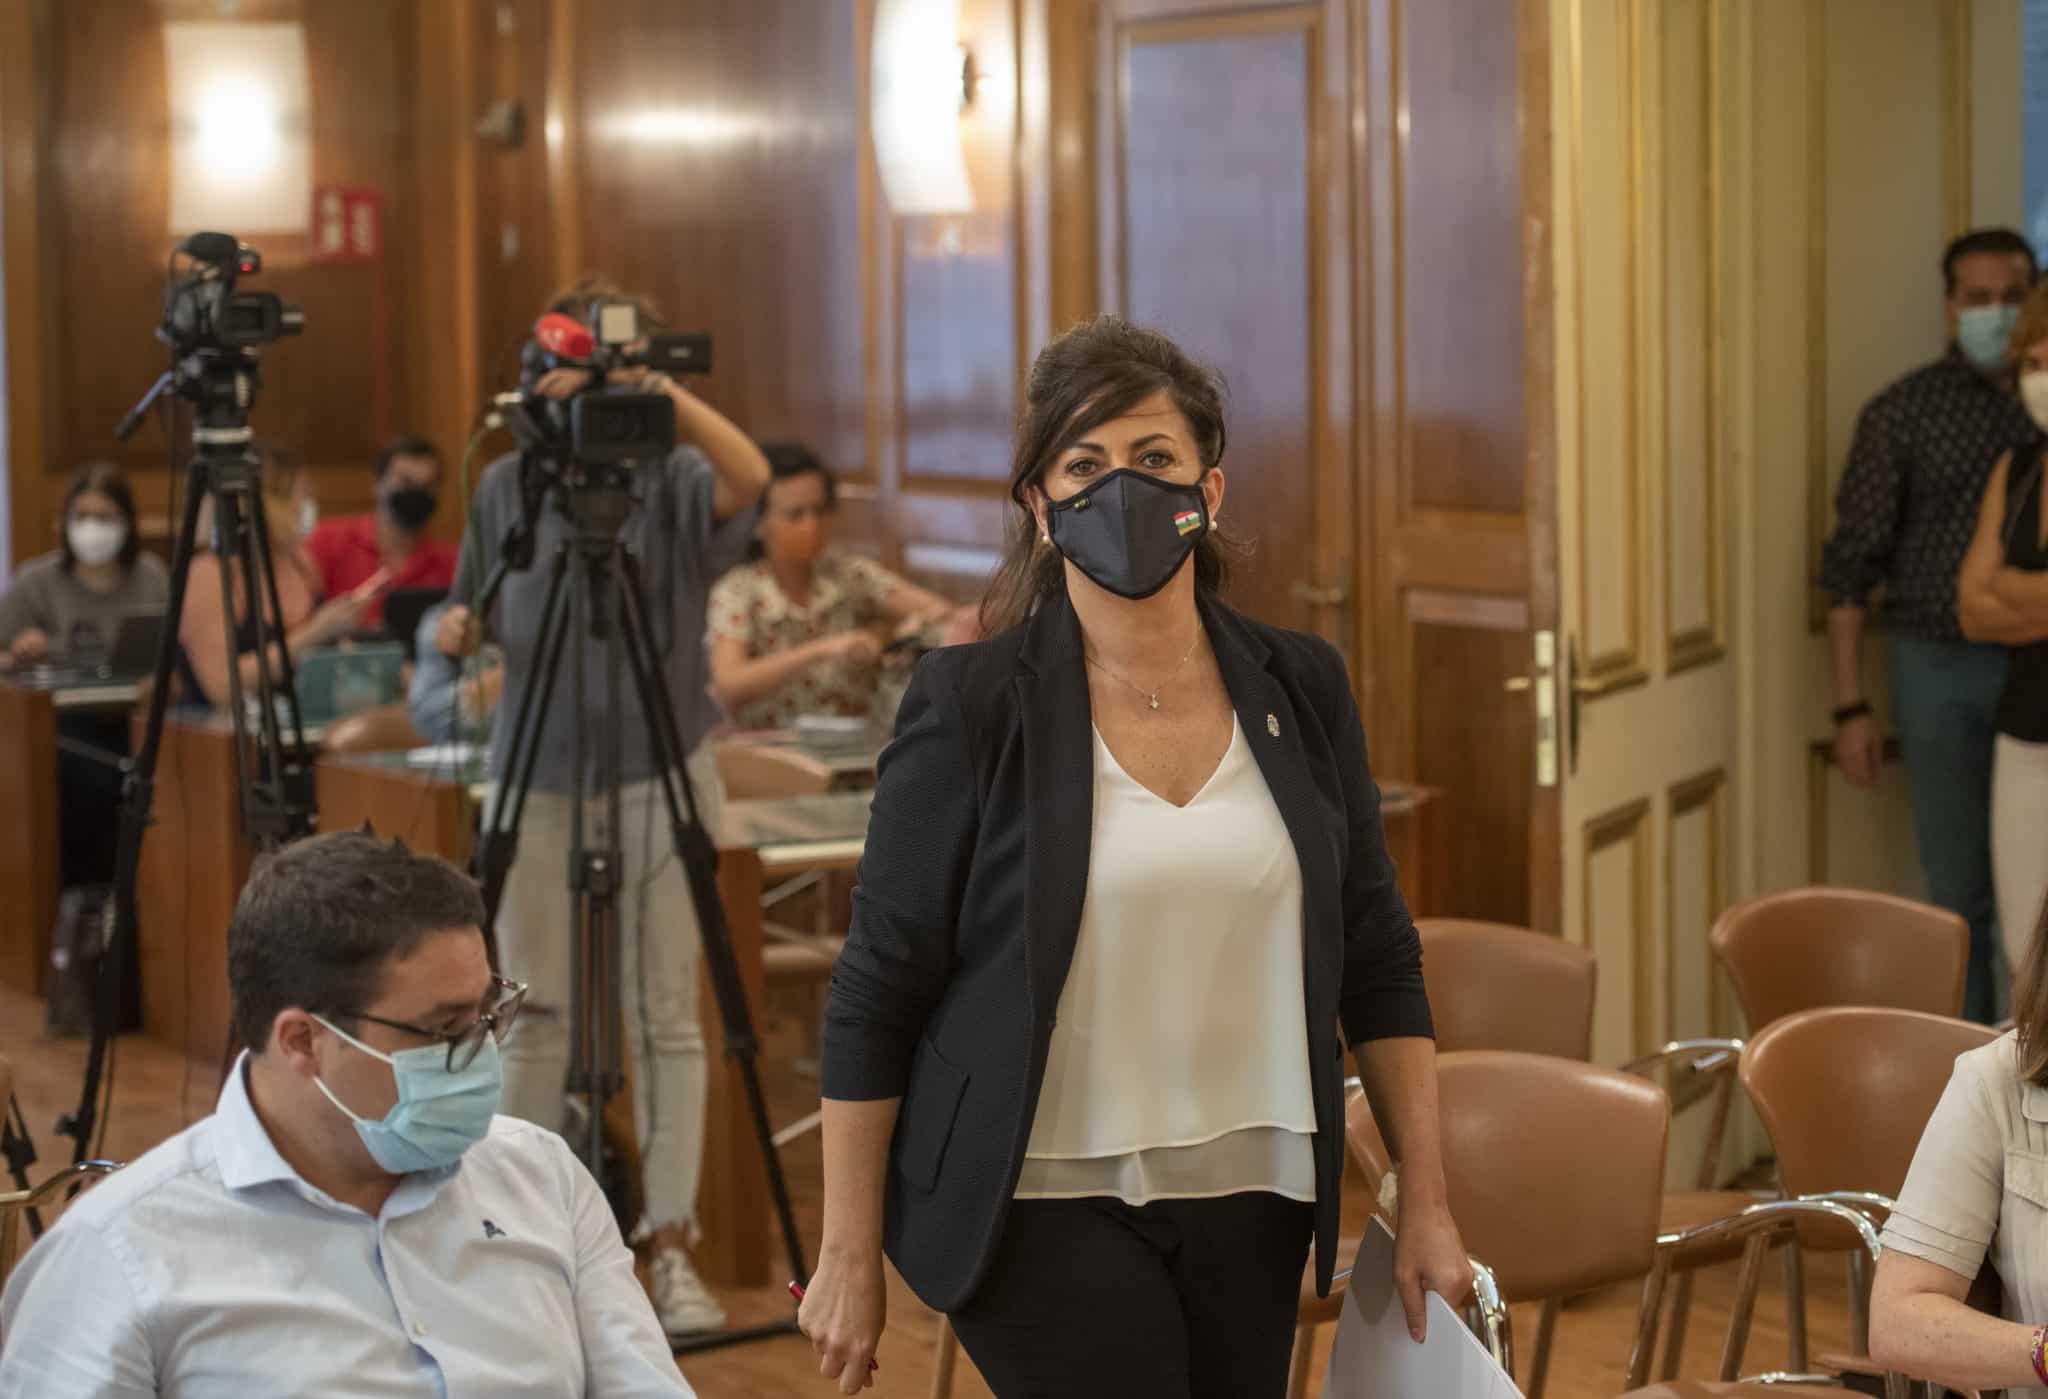 Nuevas medidas en La Rioja: no más de 6 personas en reuniones y evitar la movilidad fuera del municipio 1